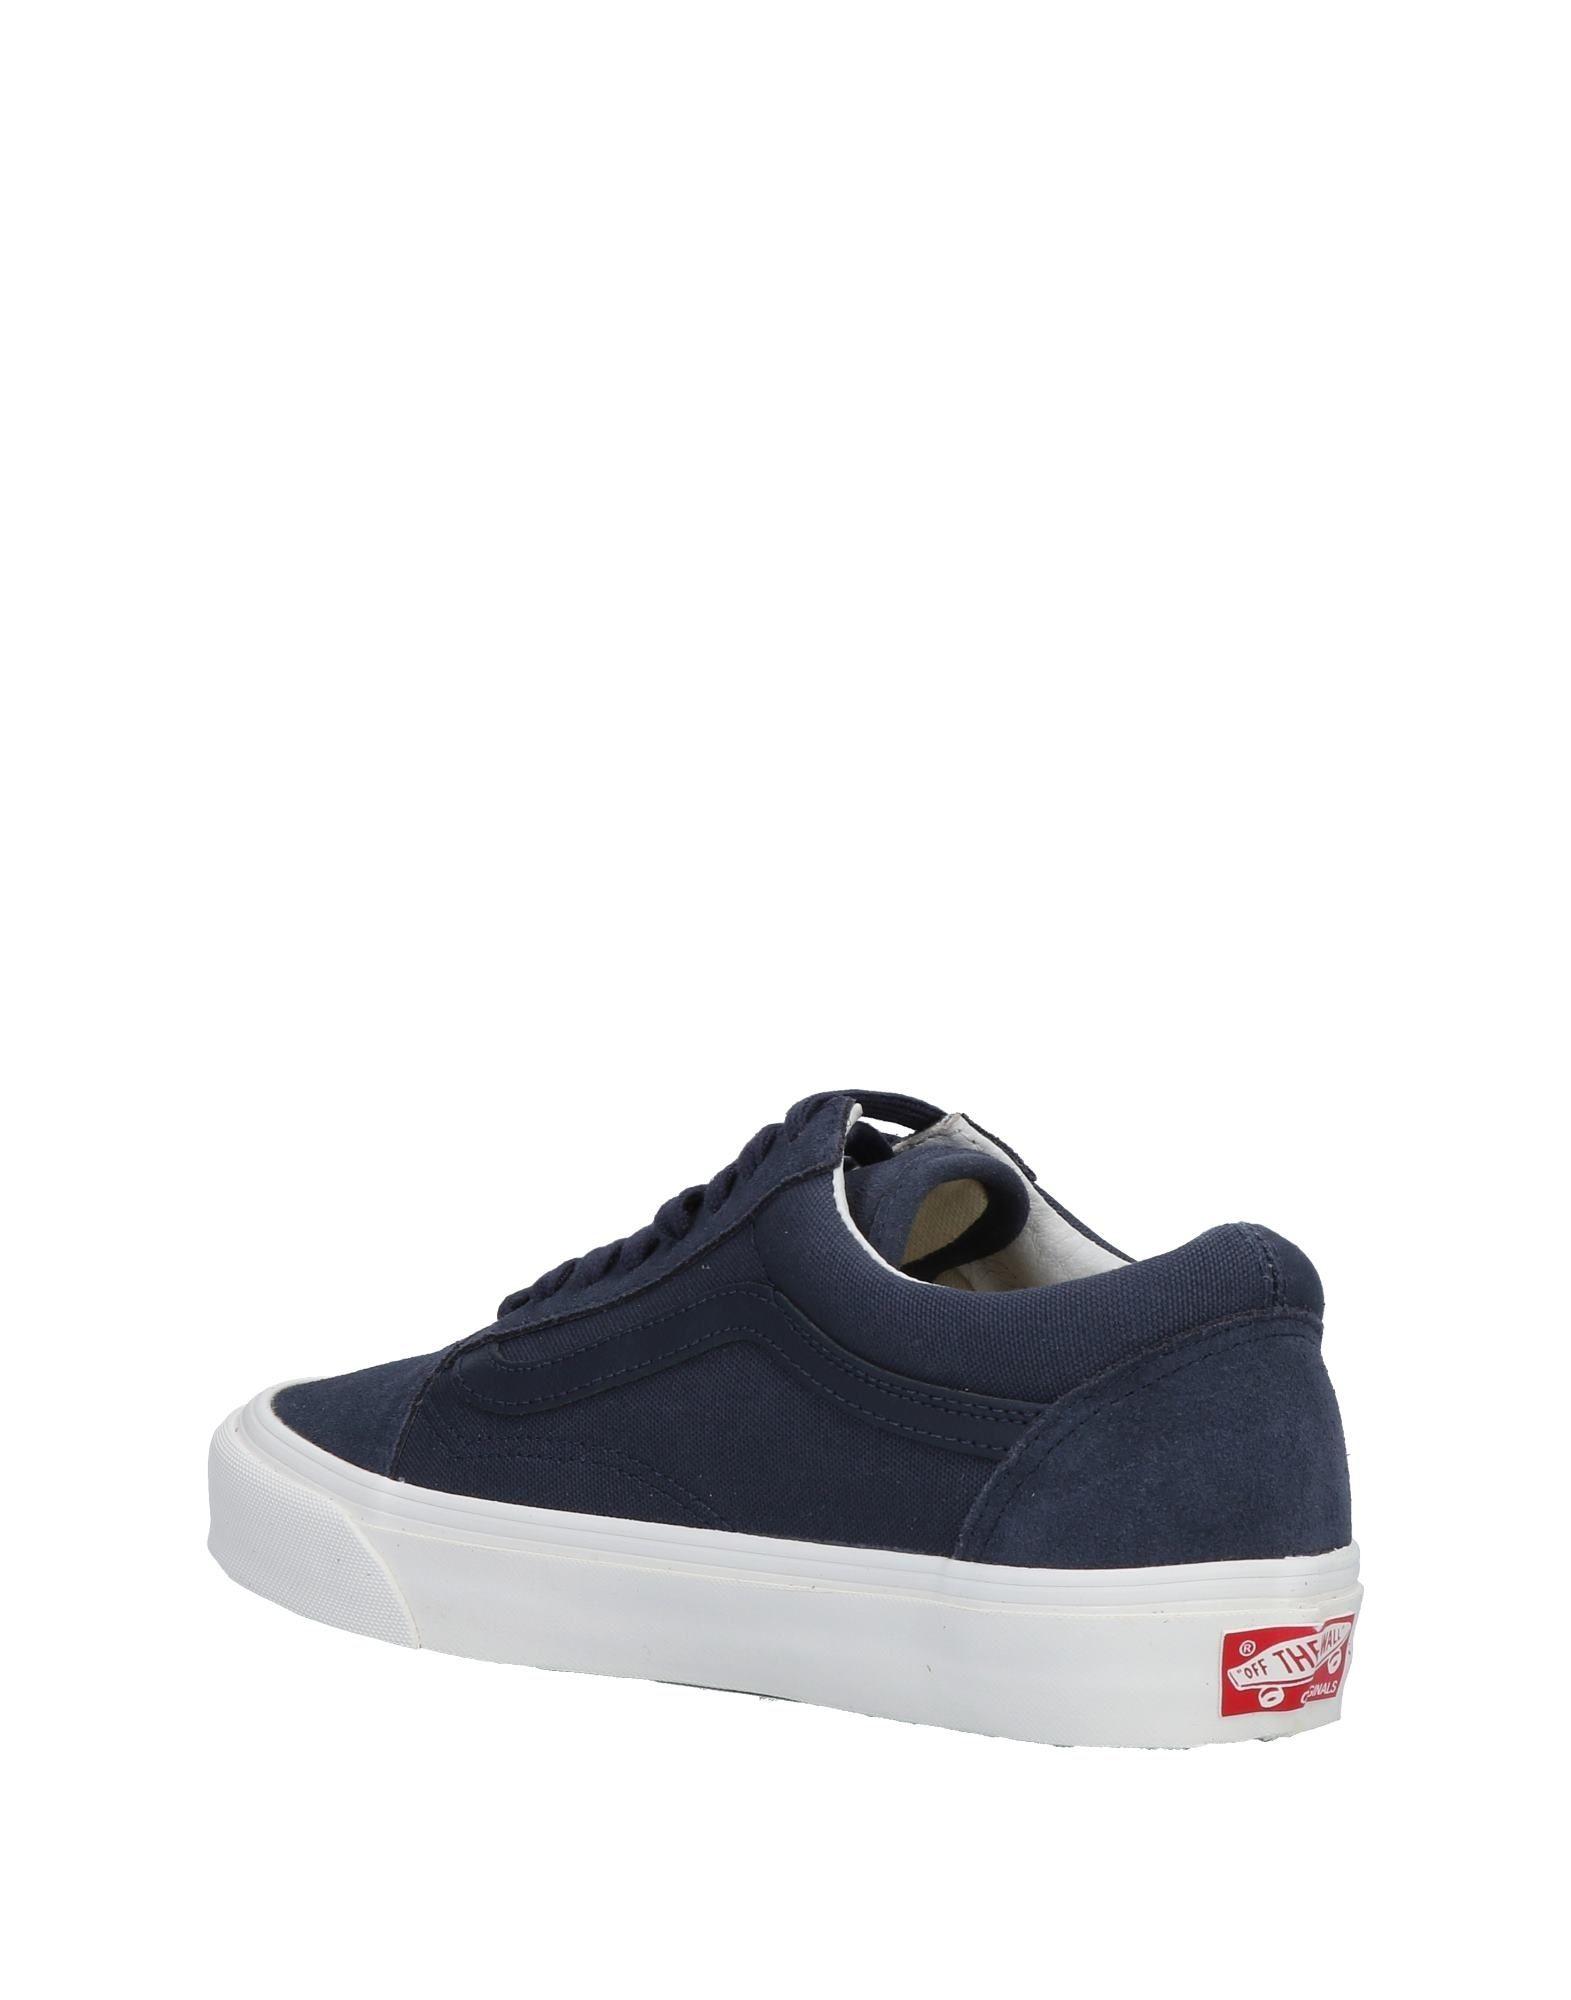 Vans Sneakers Damen Damen Sneakers  11451956SU fce289